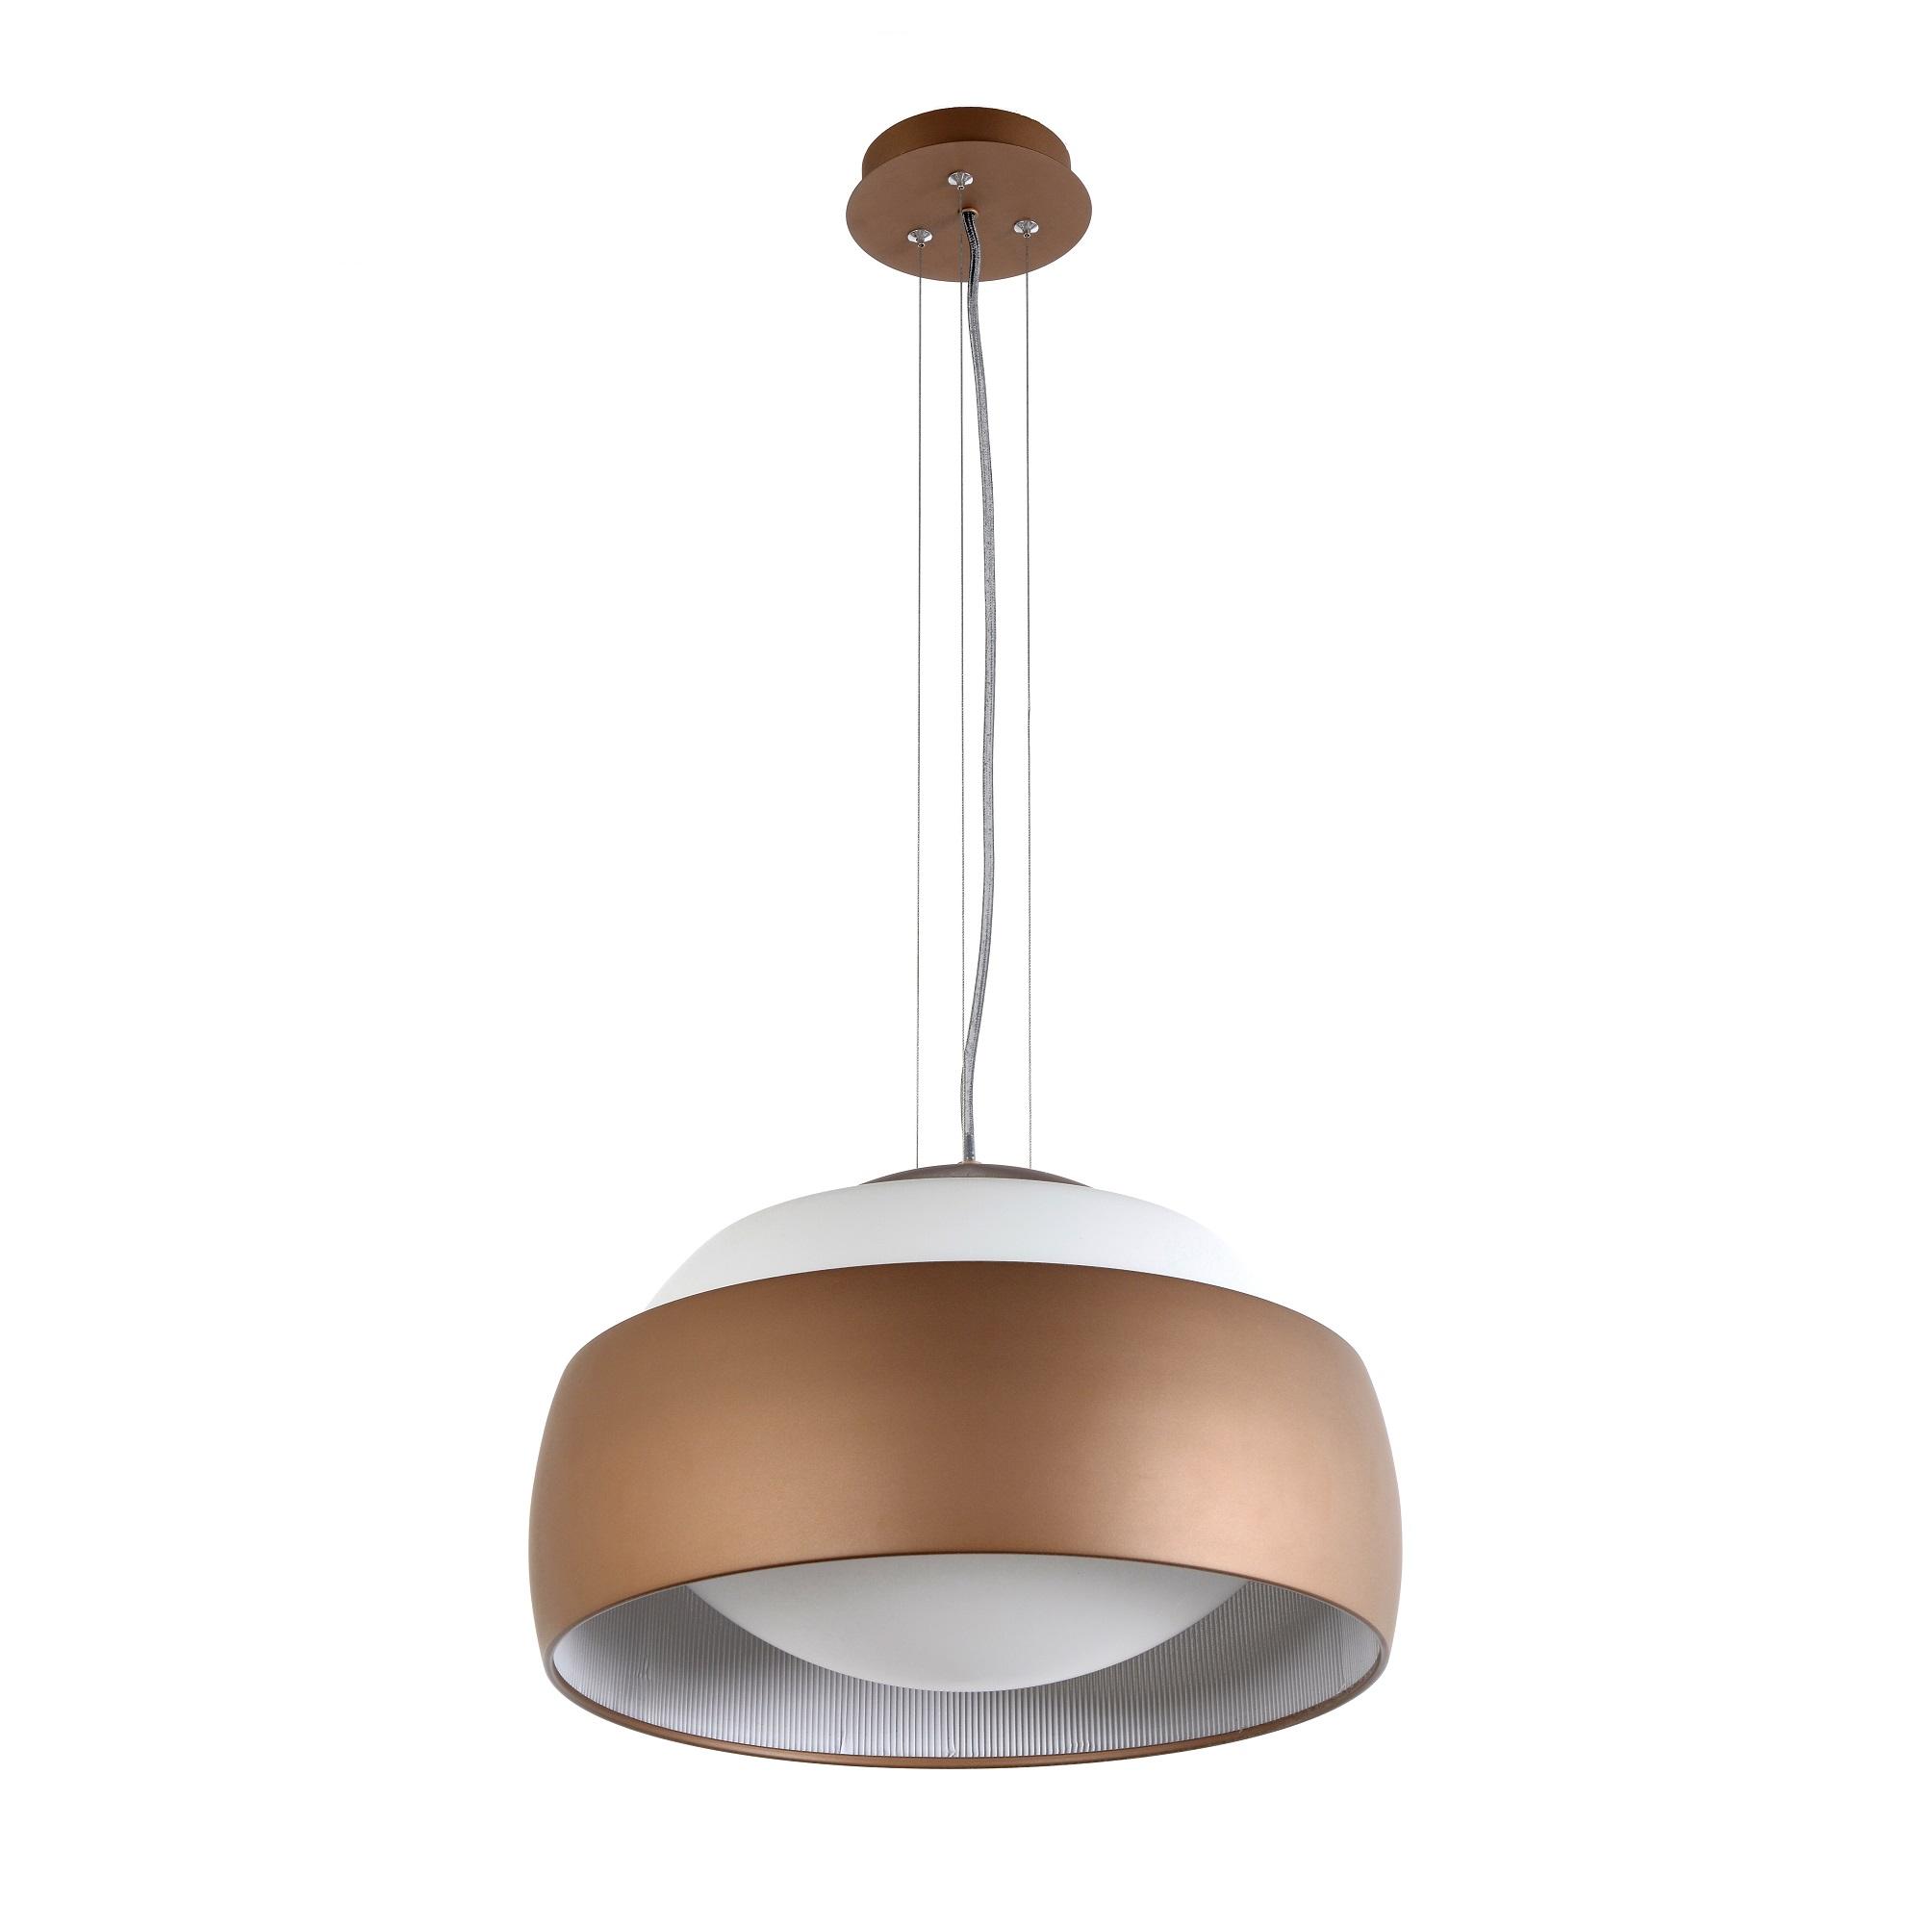 Подвесной светильник Arti Lampadari Mango E 1.3.P1 BR светильник arti lampadari tempo e 1 3 p1 br tempo